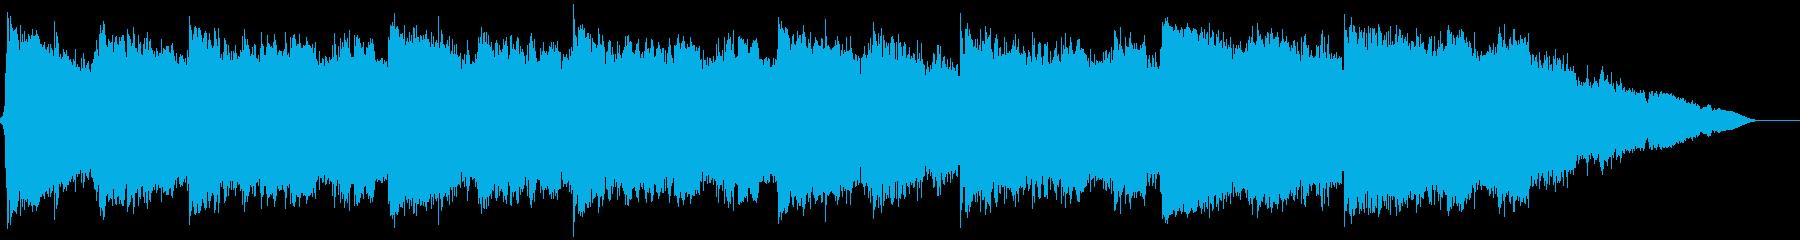 浮遊感あるシネマティックなBGMの再生済みの波形